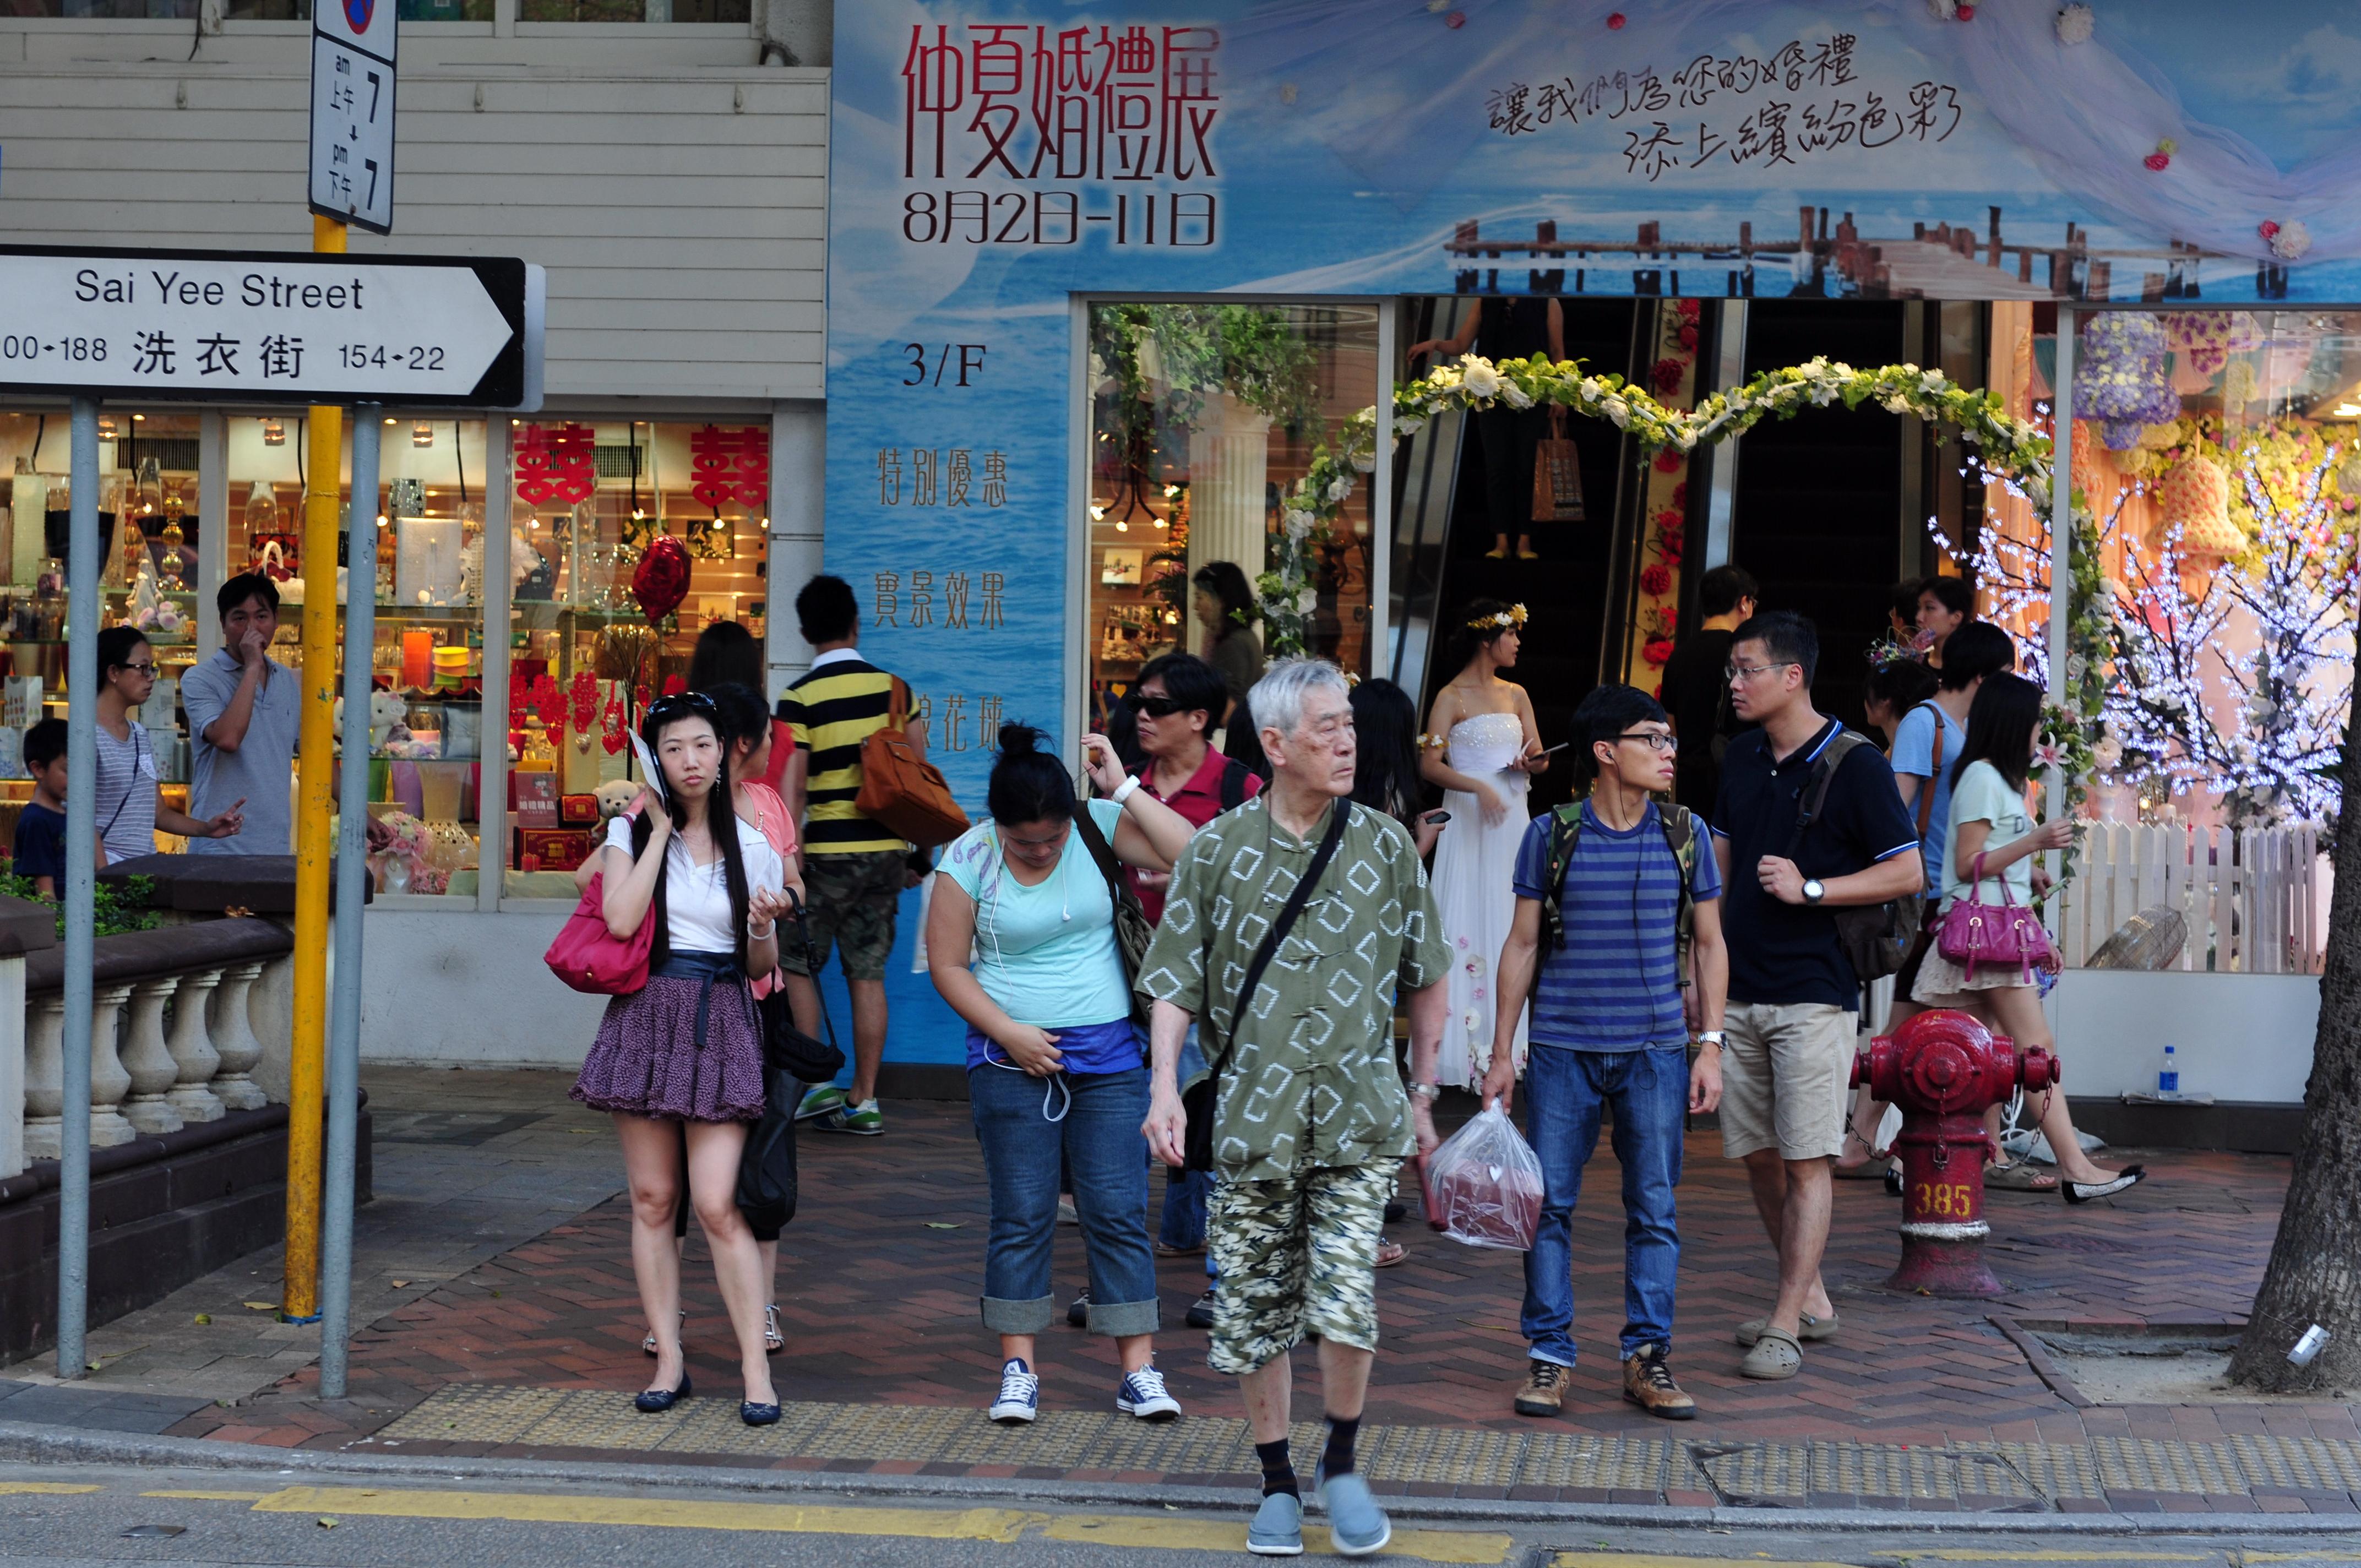 13-08-11-hongkong-50mm-19.jpg